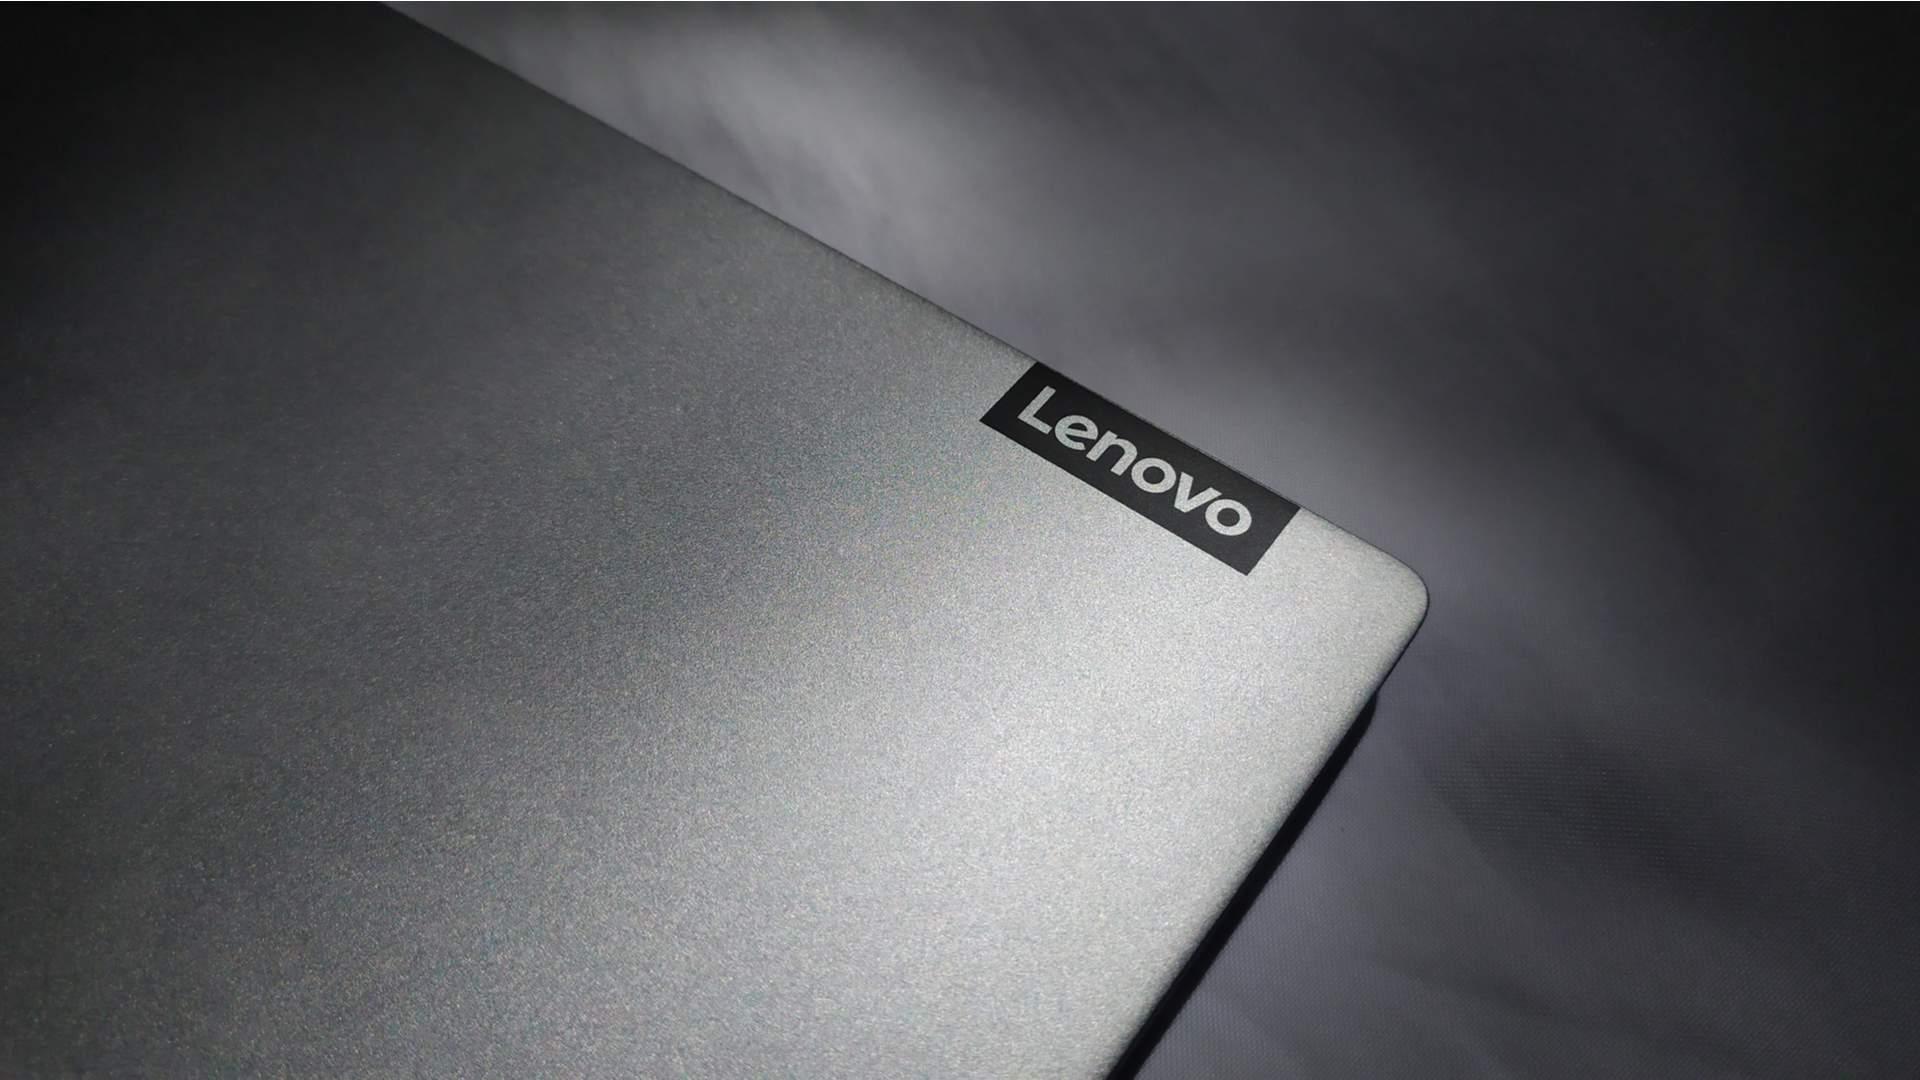 Pedaço da ponta do notebook Lenovo cinza, com pequena etiqueta com a marca Lenovo na lateral dele